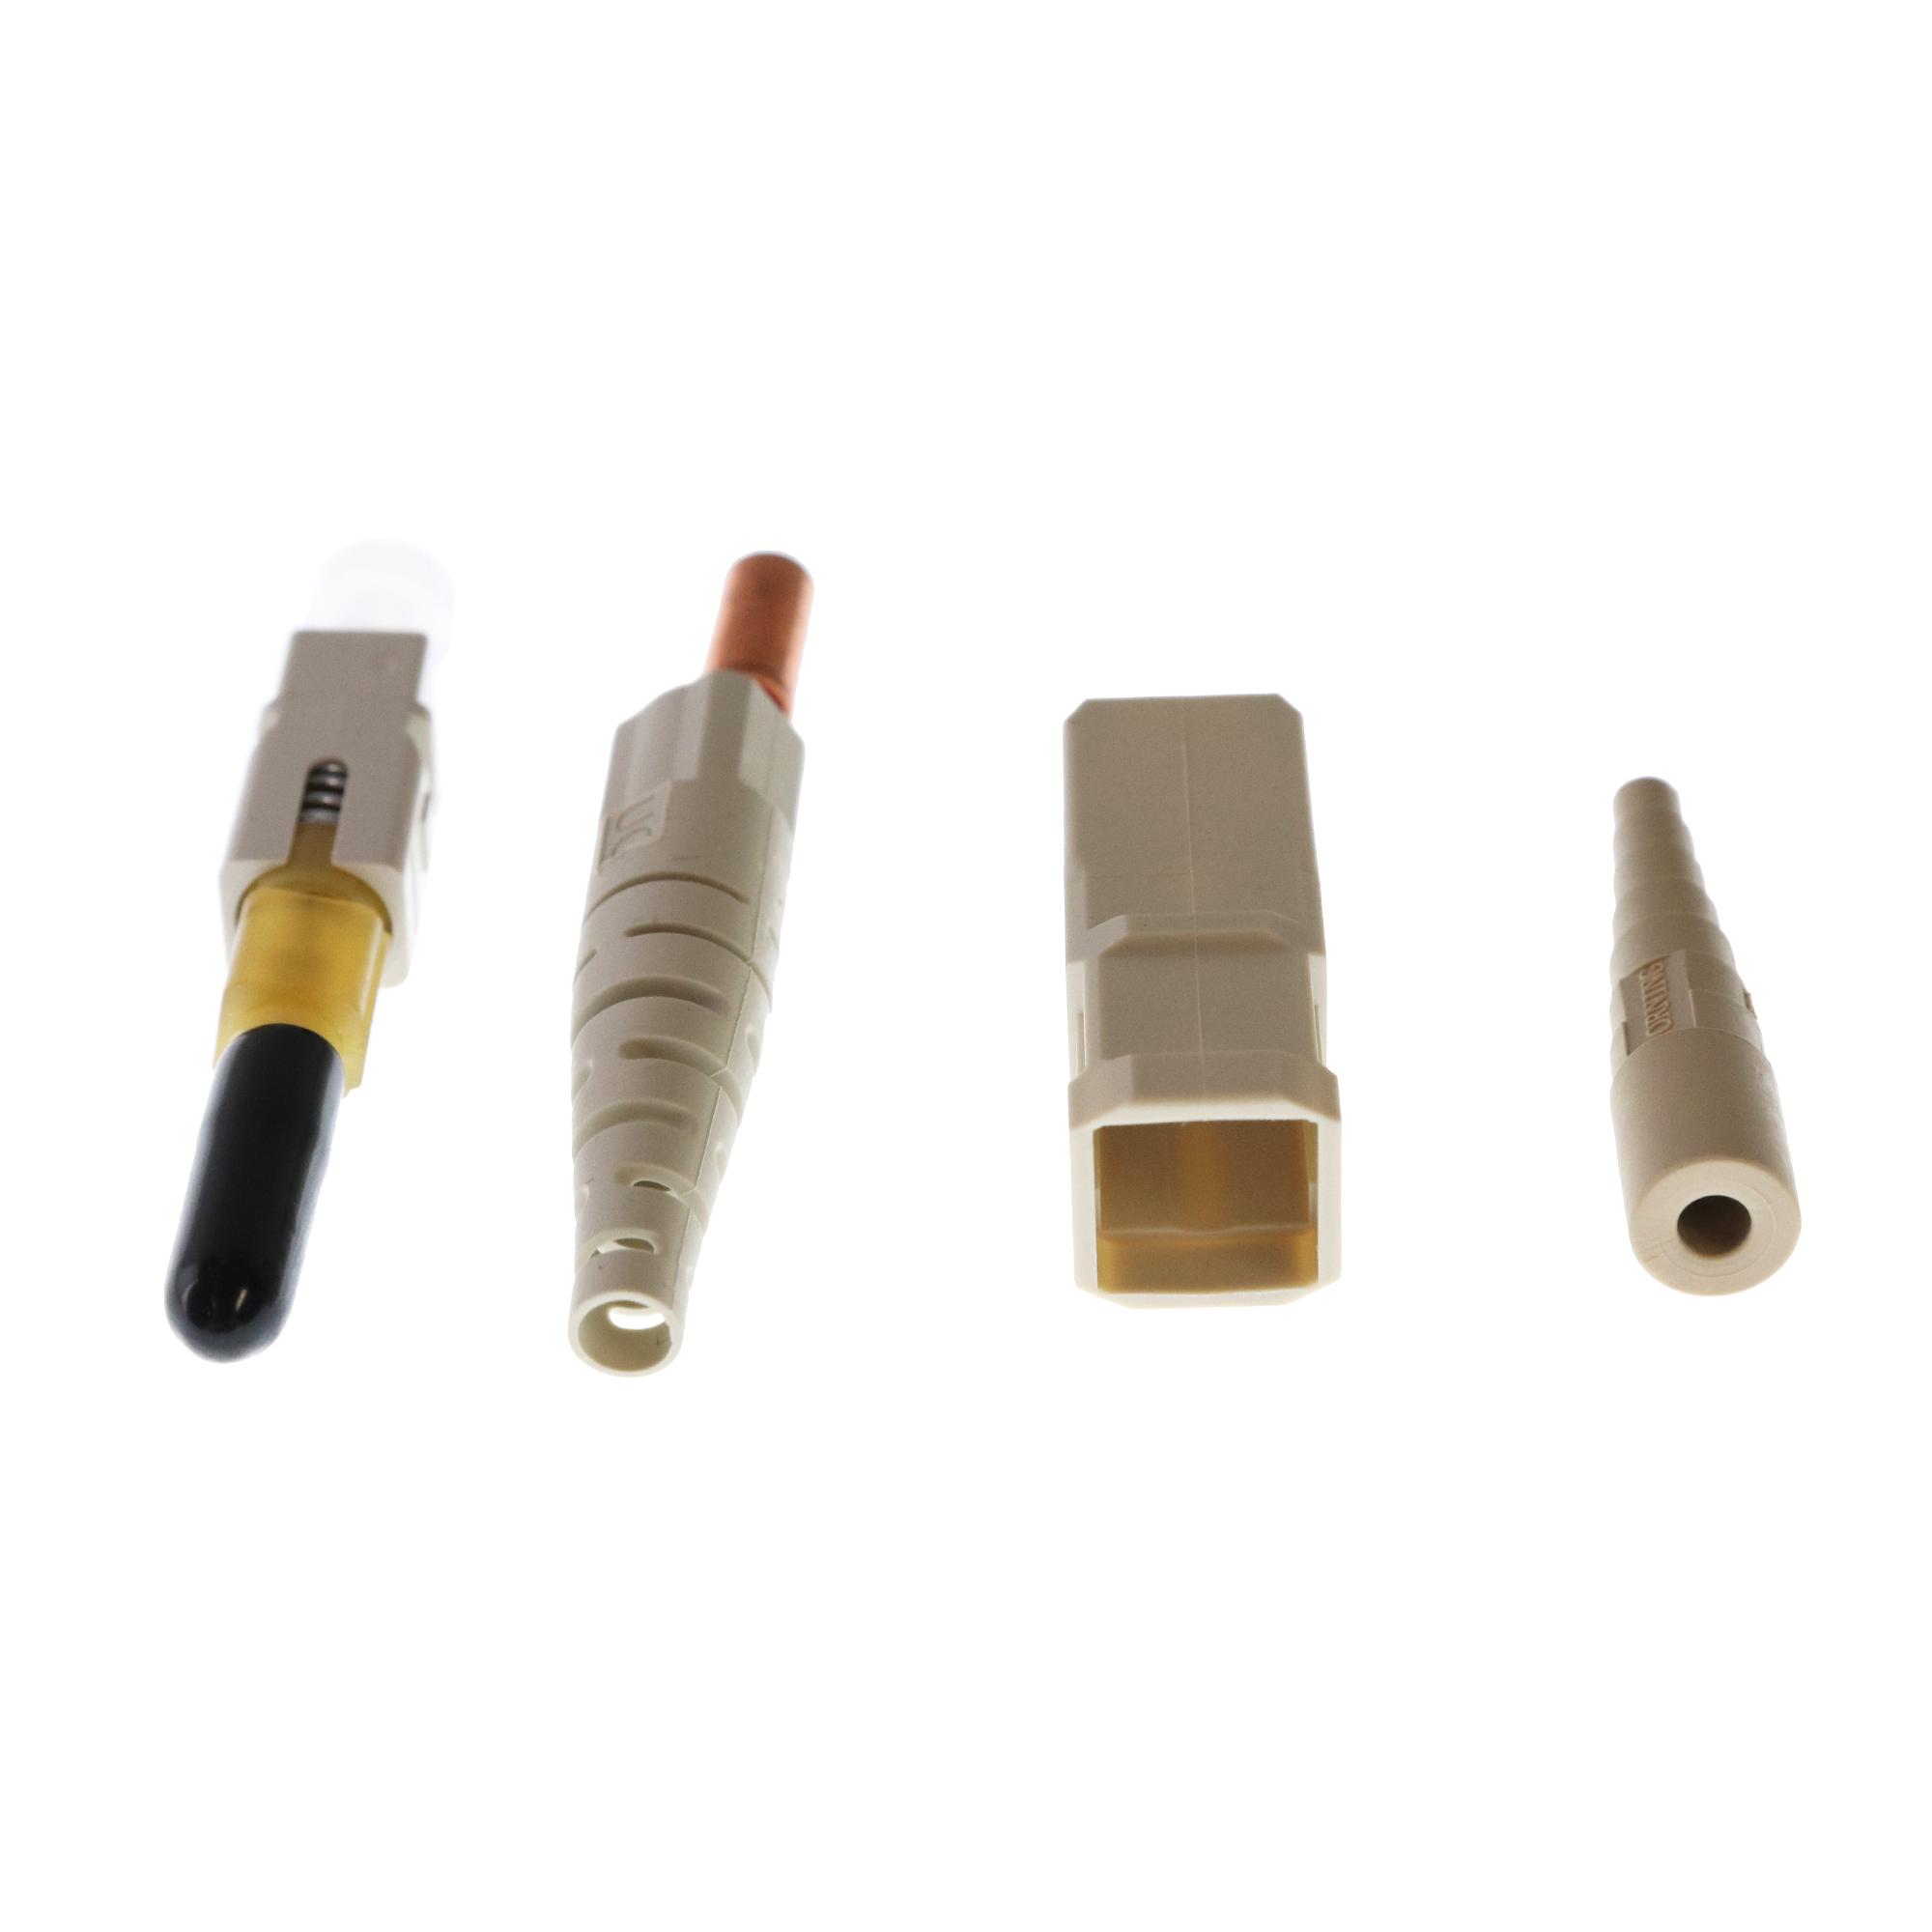 Ceramic Ferrule 95-000-40 Corning Unicam SC OM1 Multimode 62.5 Standard Performance Pretium Fiber Optic Connector